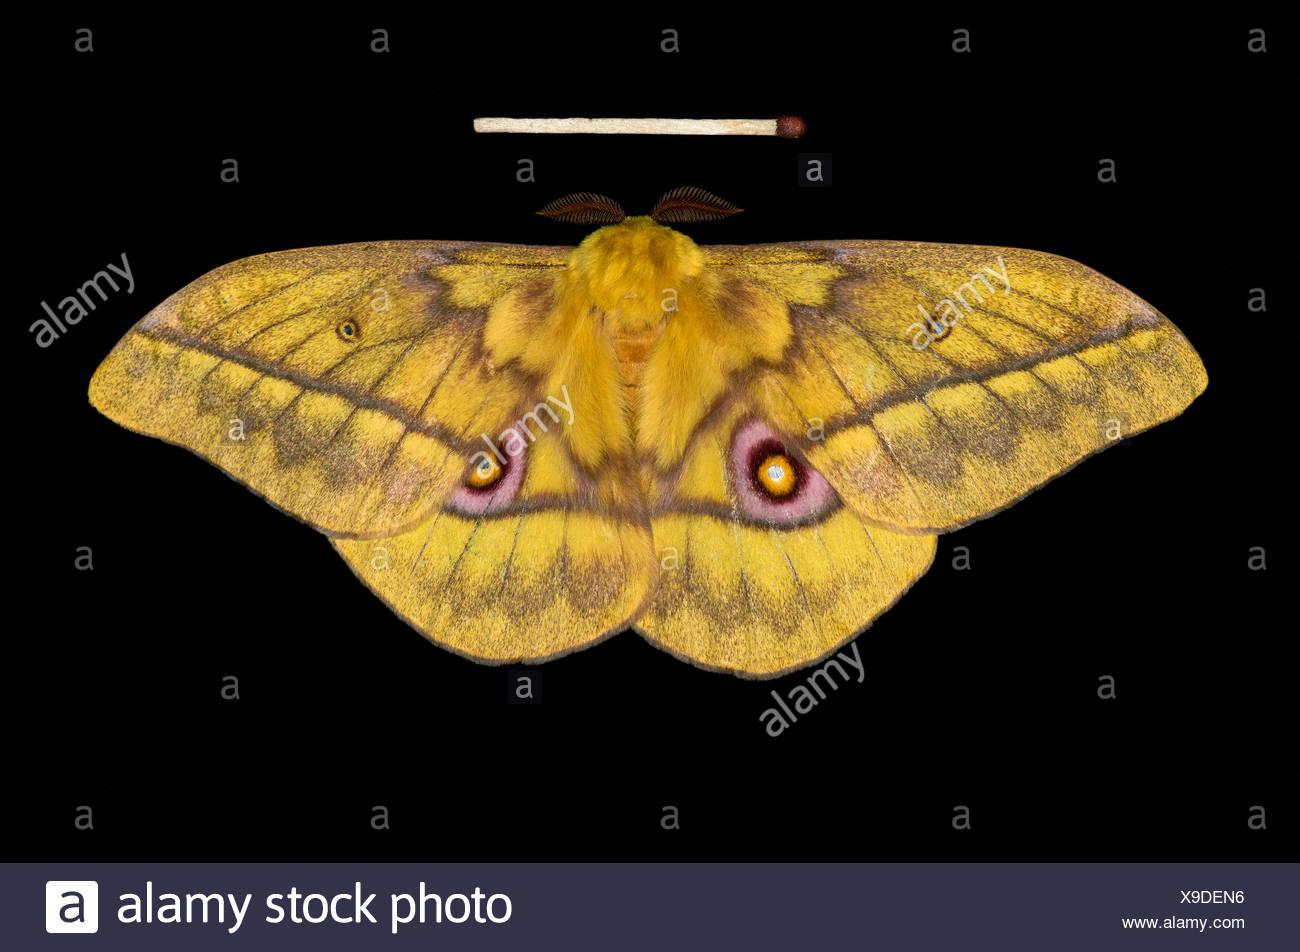 Saturnid Moth (Nudaurelia diones), native to Ethiopia - Stock Image